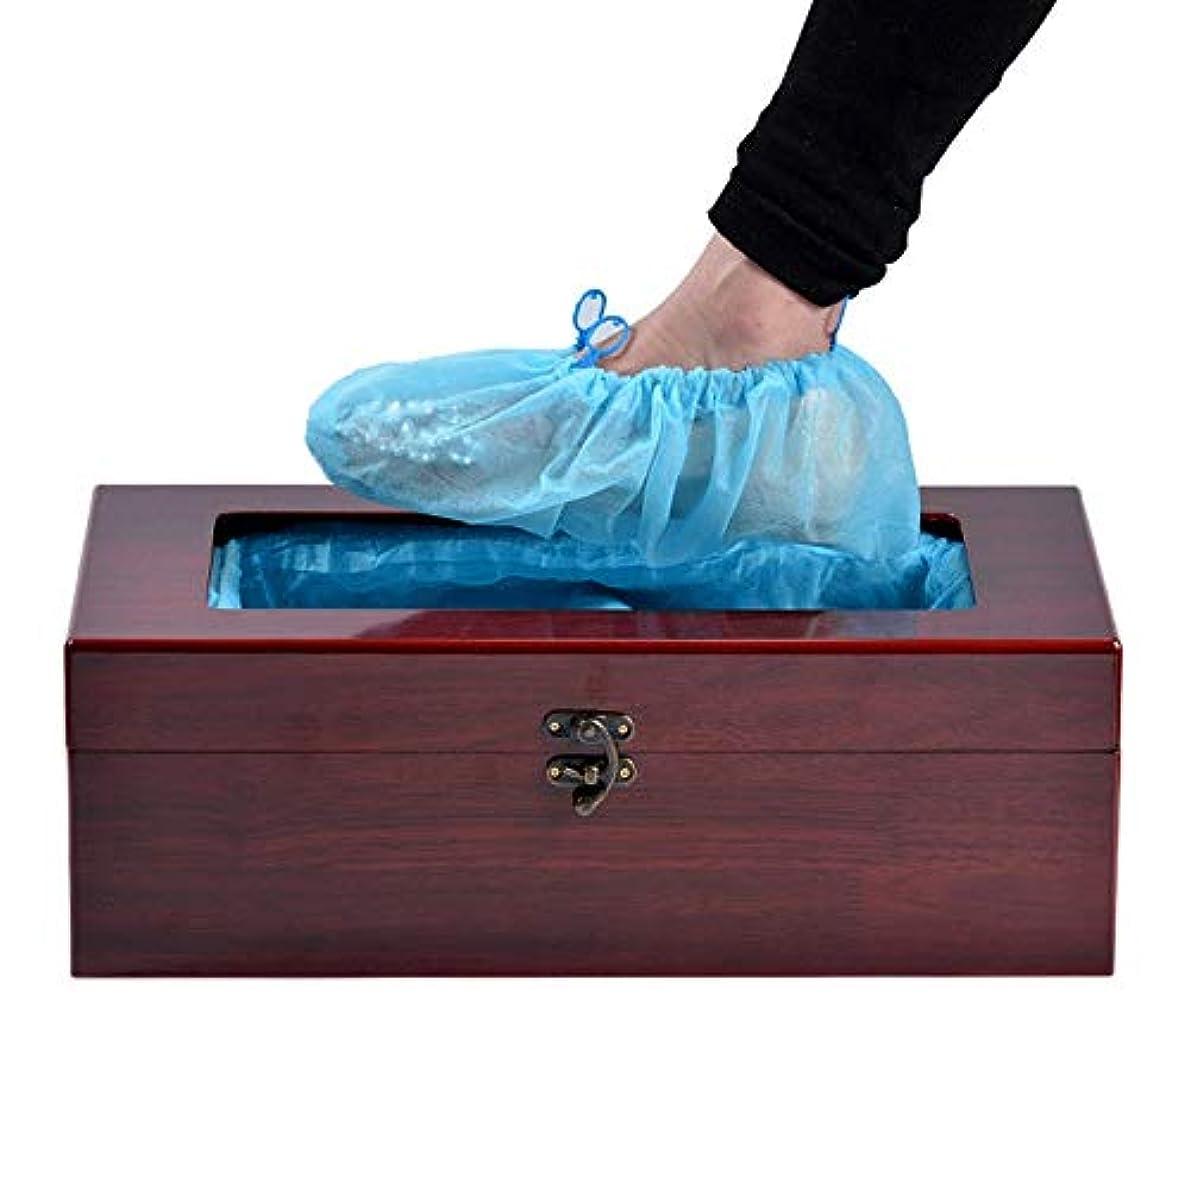 応用有用殺人新しい靴カバーマシン新しいホーム自動インテリジェントオフィス靴マシン使い捨て靴カバーマシンフットカバーマシンフィルムマシン